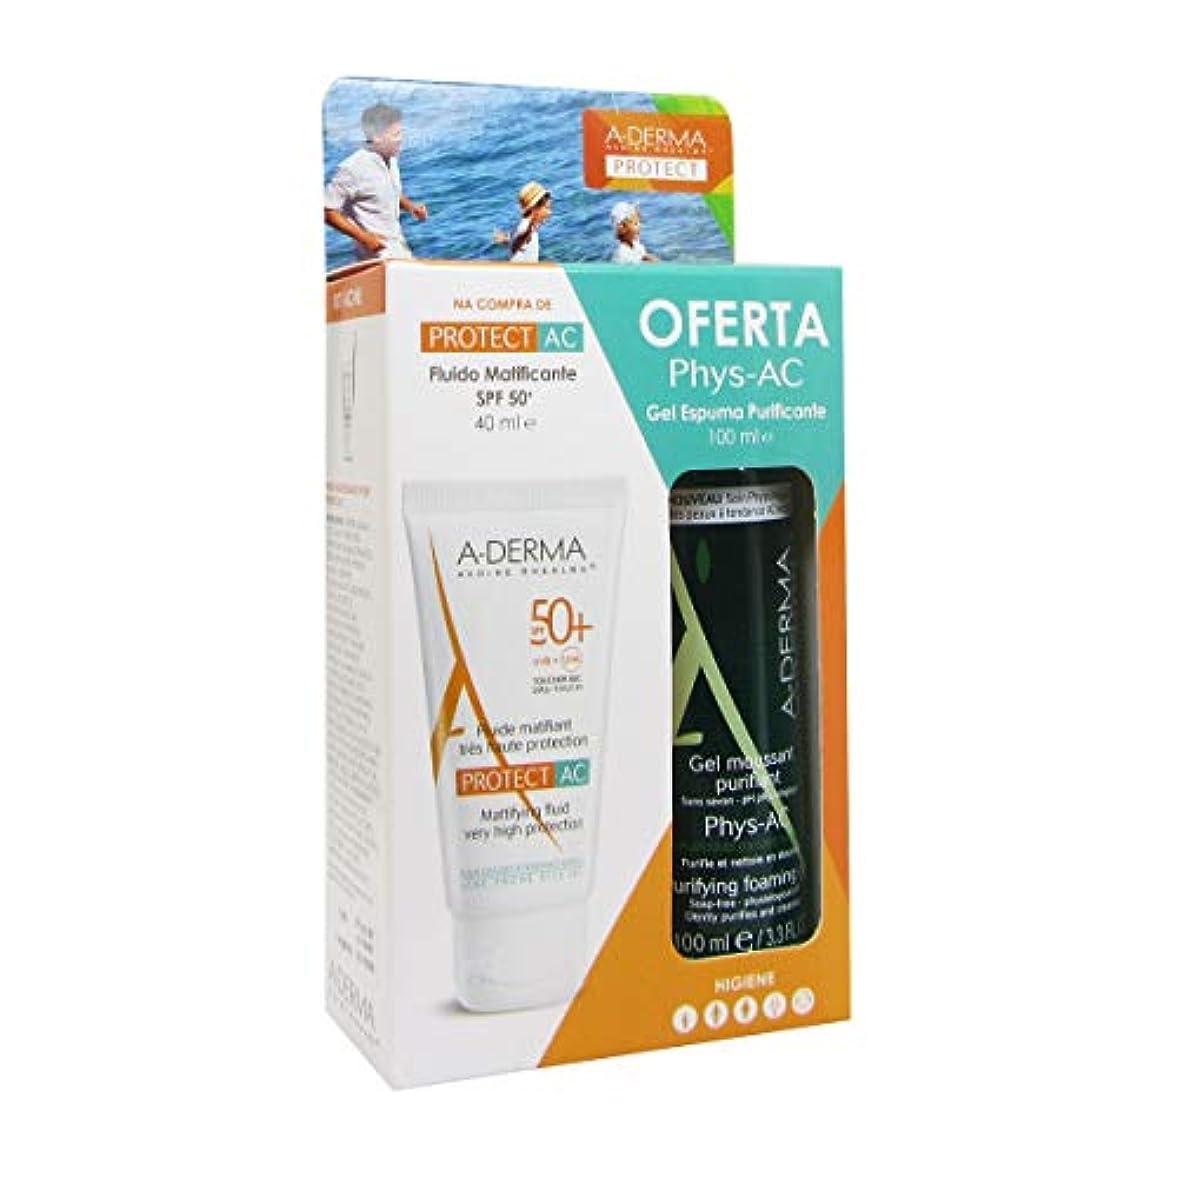 代数古くなった分析的A-derma Pack Protect-ac Fluid Spf50 + 40ml + Phys-ac Foam Gel 100ml [並行輸入品]